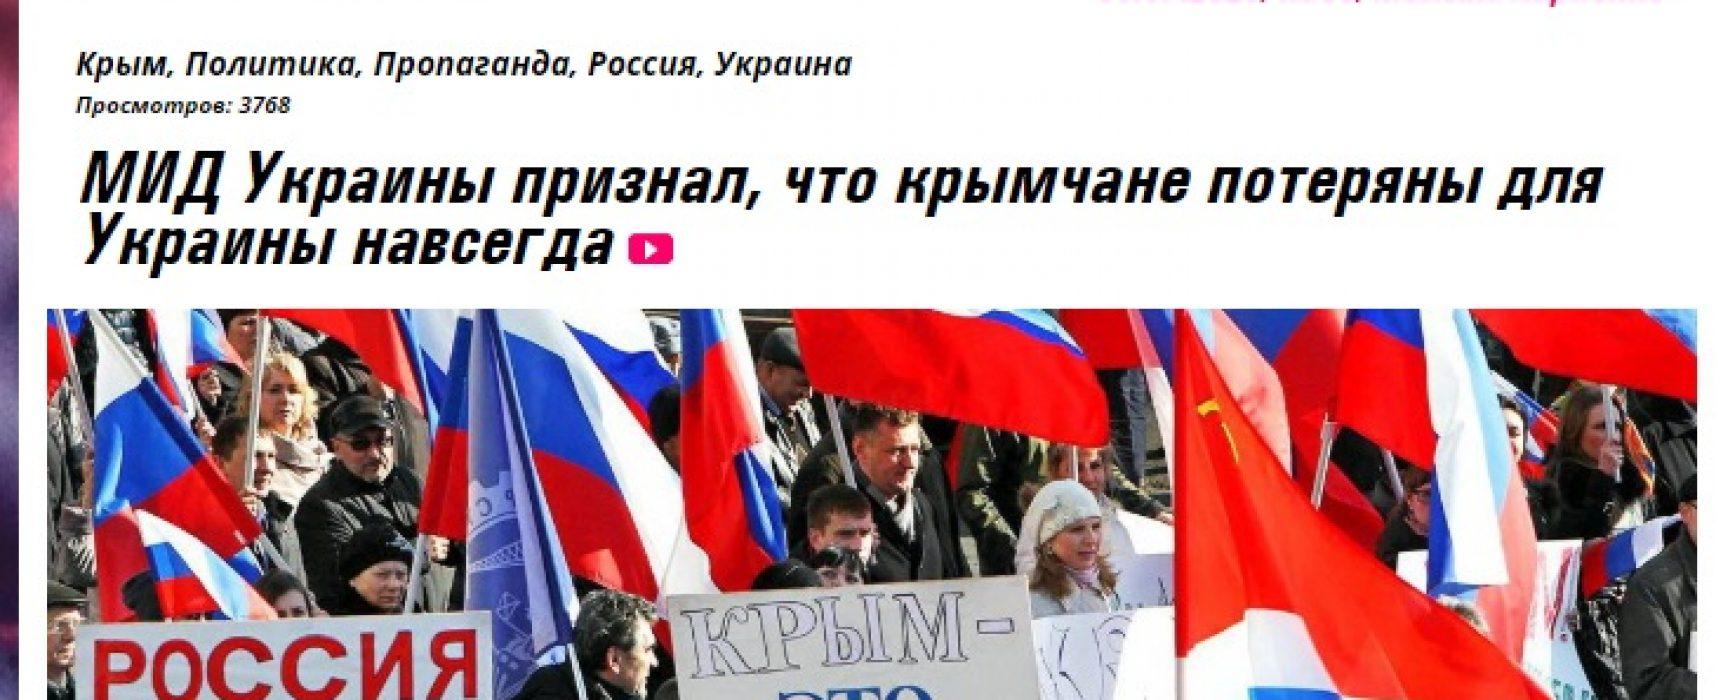 """Фейк: МИД Украины признал, что крымчане """"потеряны для Украины навсегда"""""""